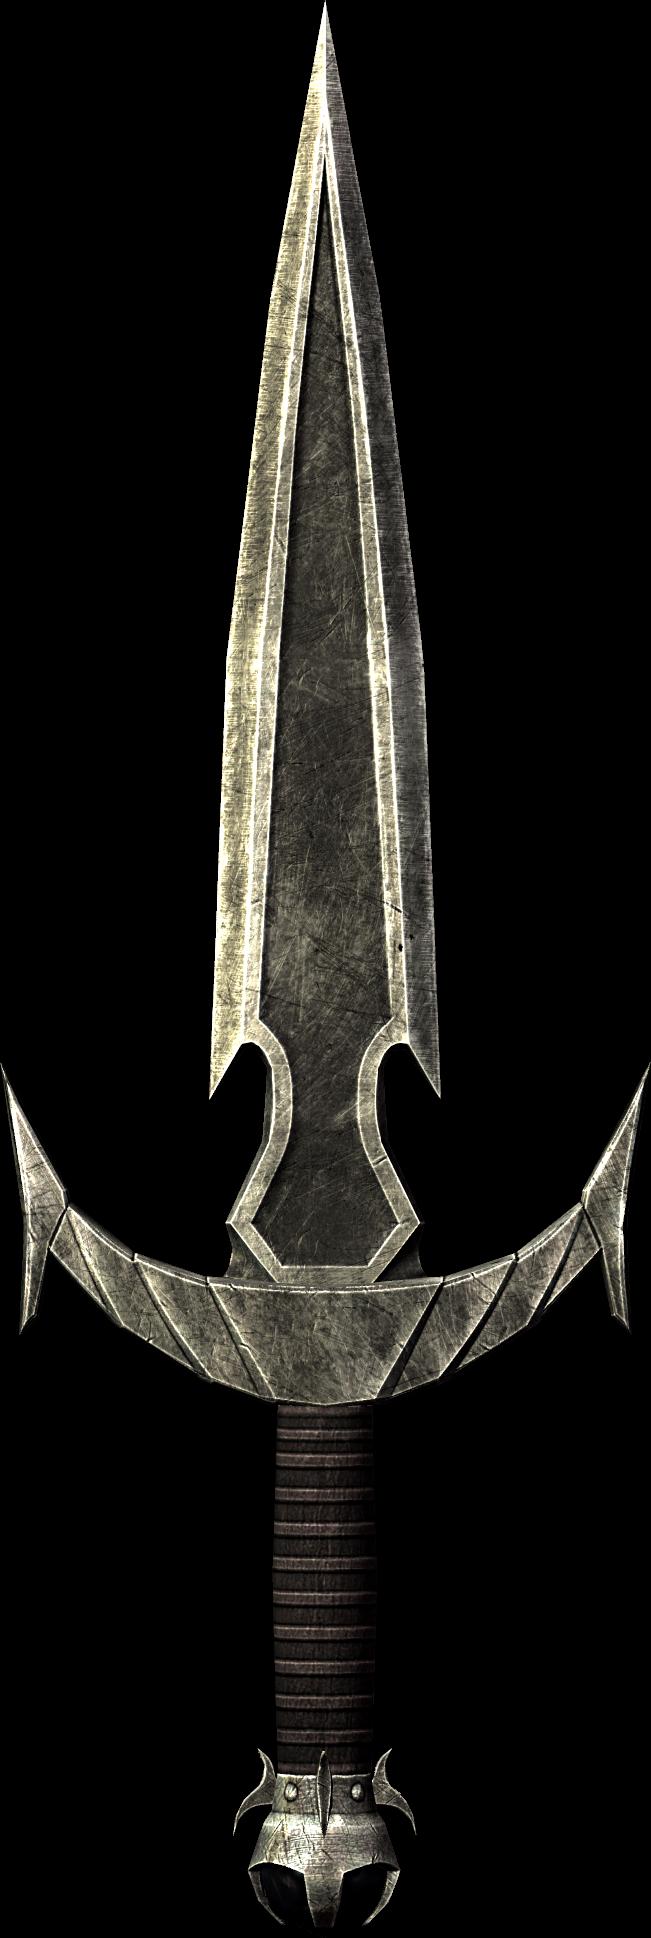 Mehrunes' Razor (Skyrim)